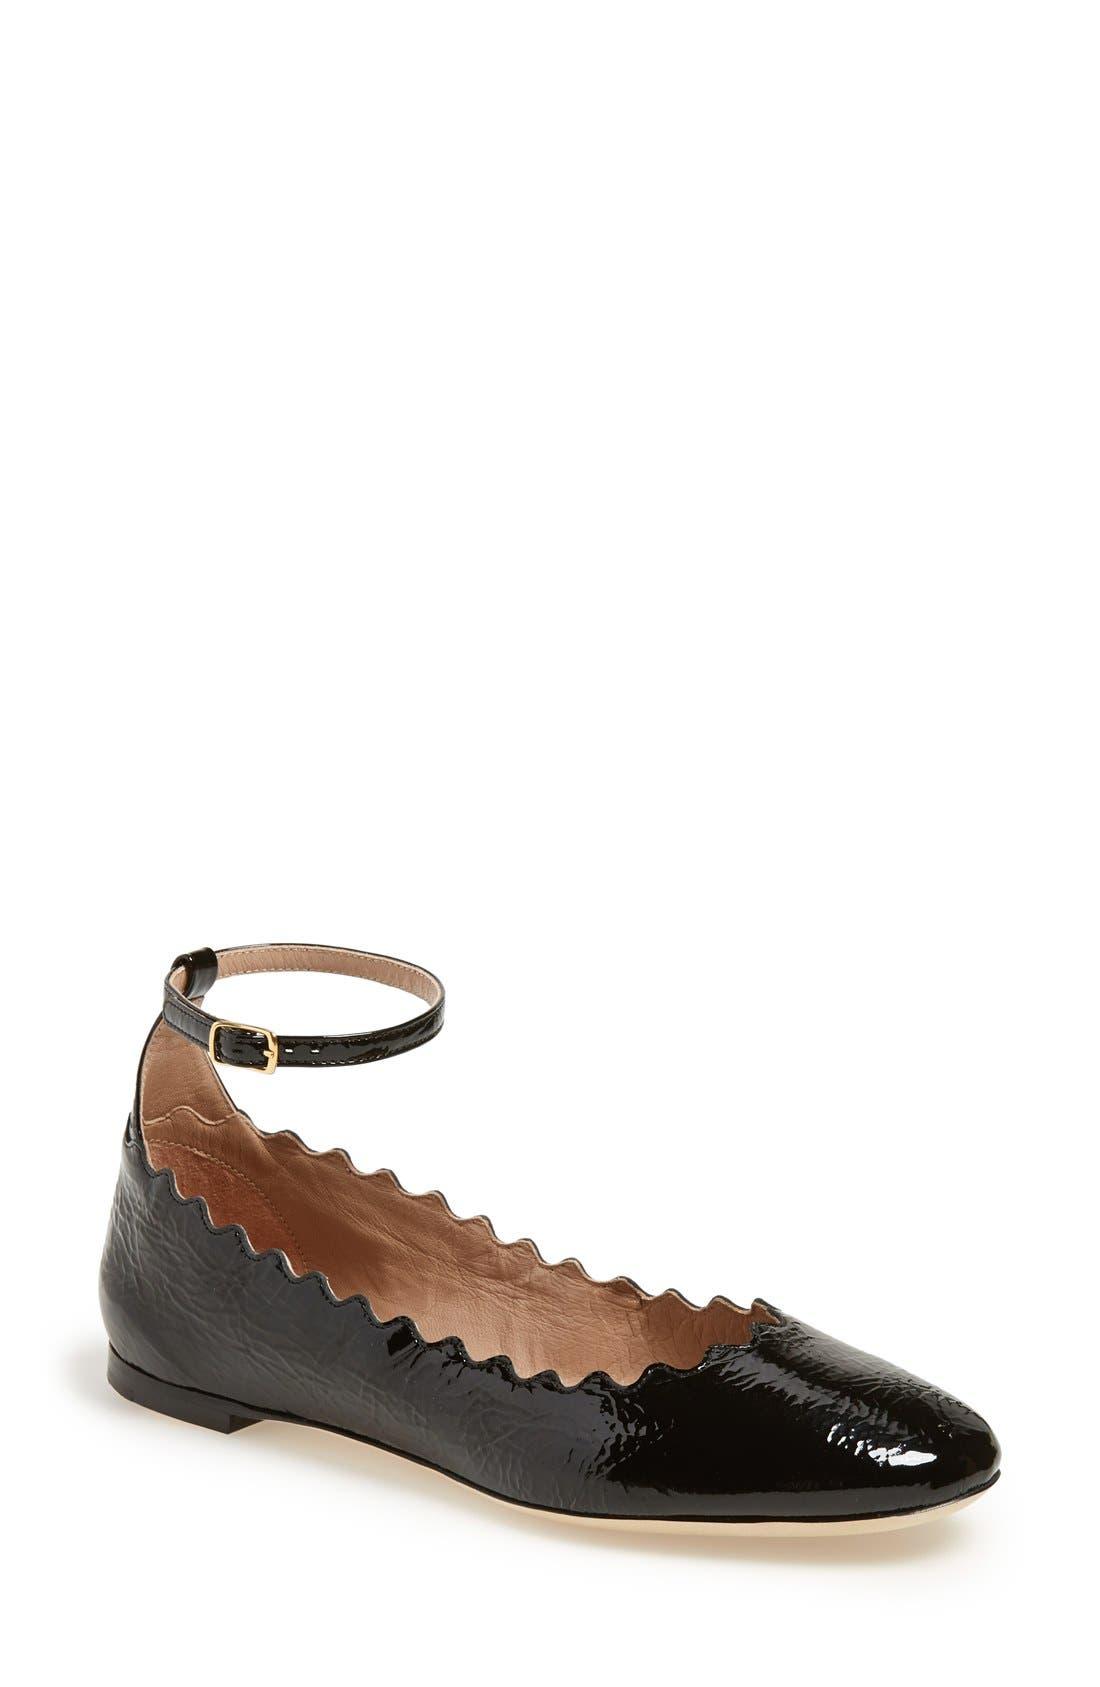 Main Image - Chloé 'Laurent' Ankle Strap Flat (Women)